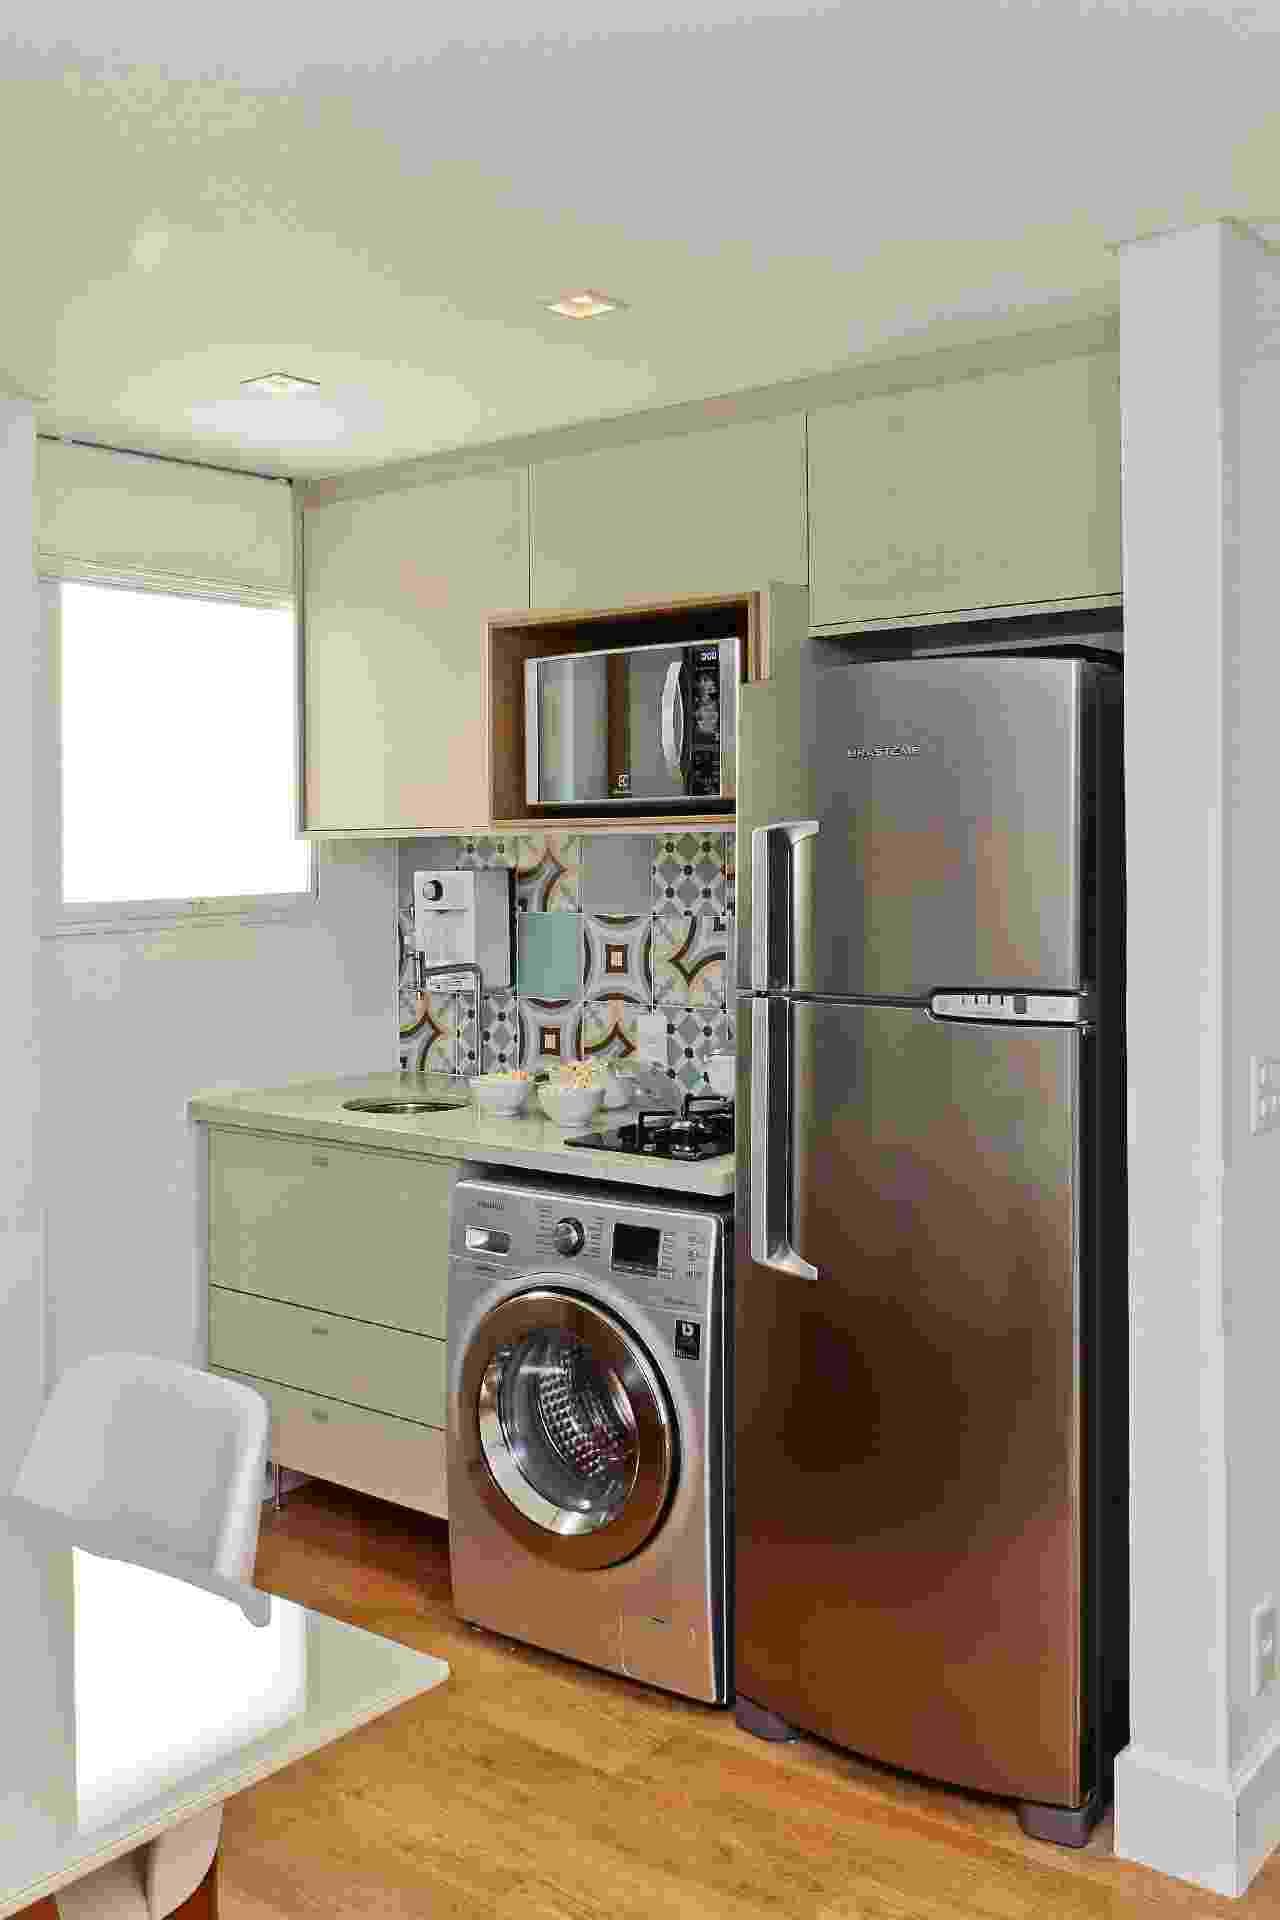 Neste pequeno apartamento, a cozinha não só reúne cooktop e pia, com medidas compactas, como também abrigou a lava-roupas, pois não há lavanderia. Tudo milimetricamente calculado pela Figoli-Ravecca, que ainda desenhou a marcenaria com lugar para micro-ondas. - Eder Lizier